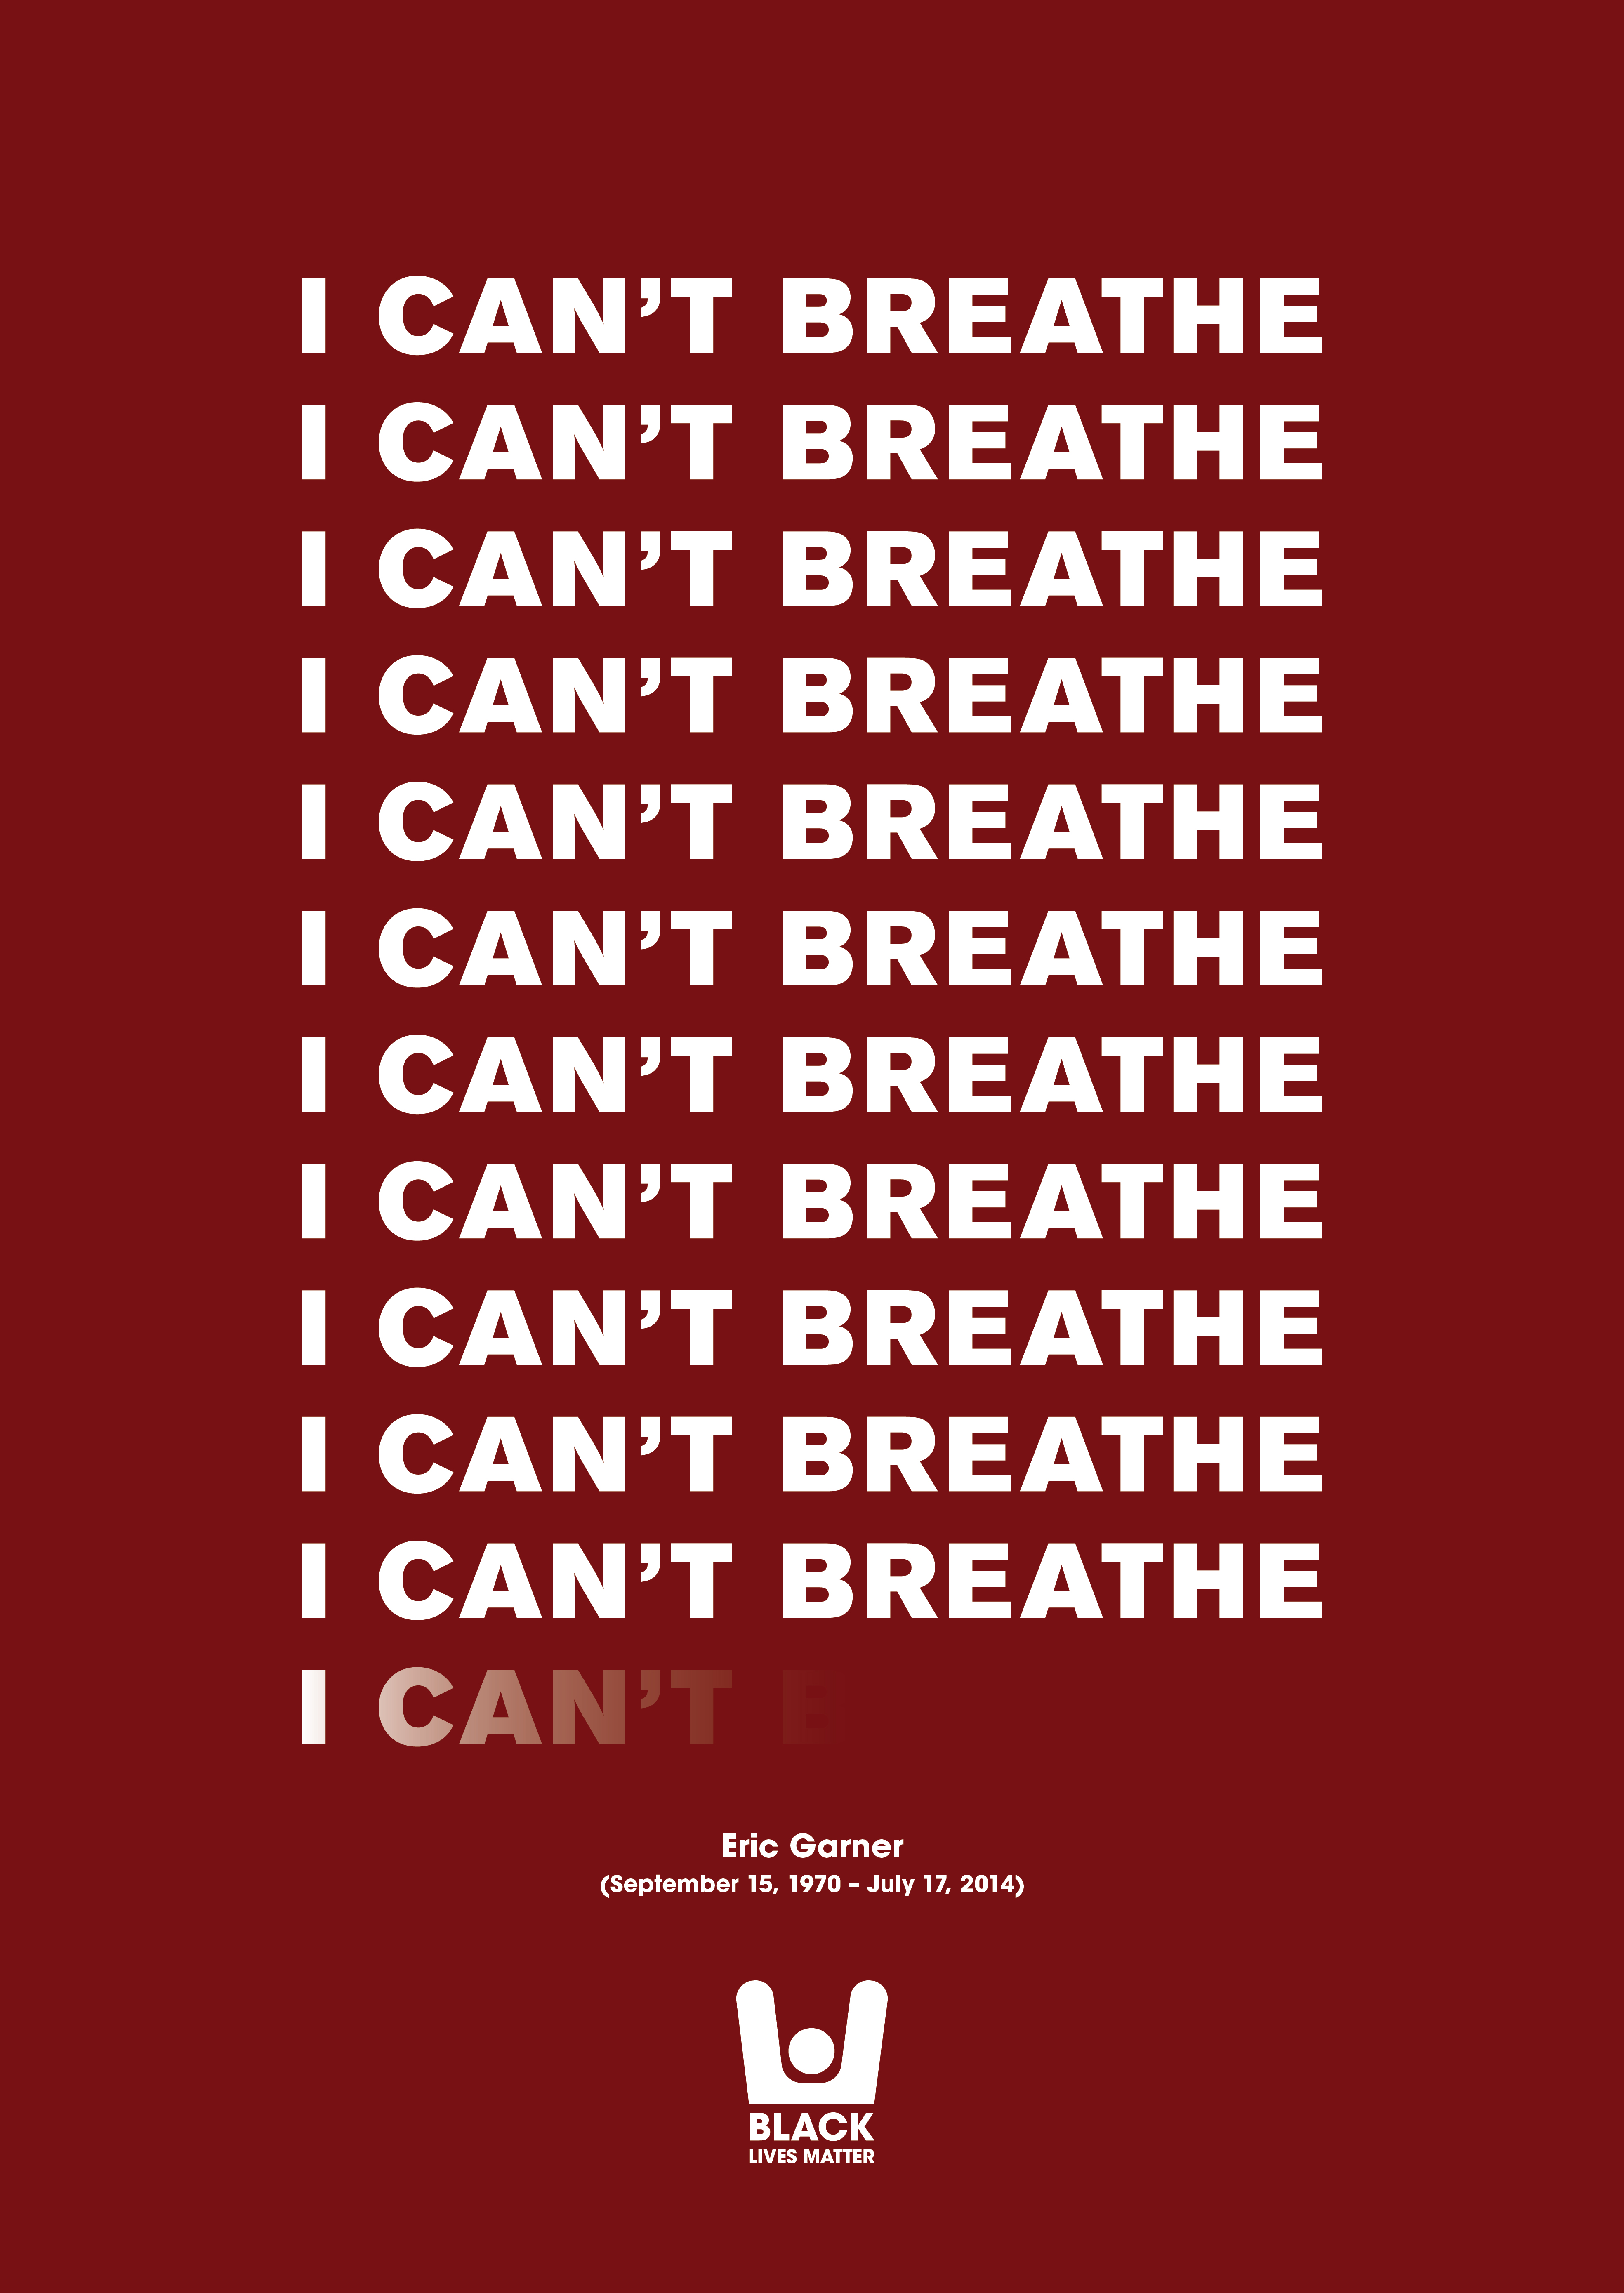 I_can't_breathe_eric_garner_large